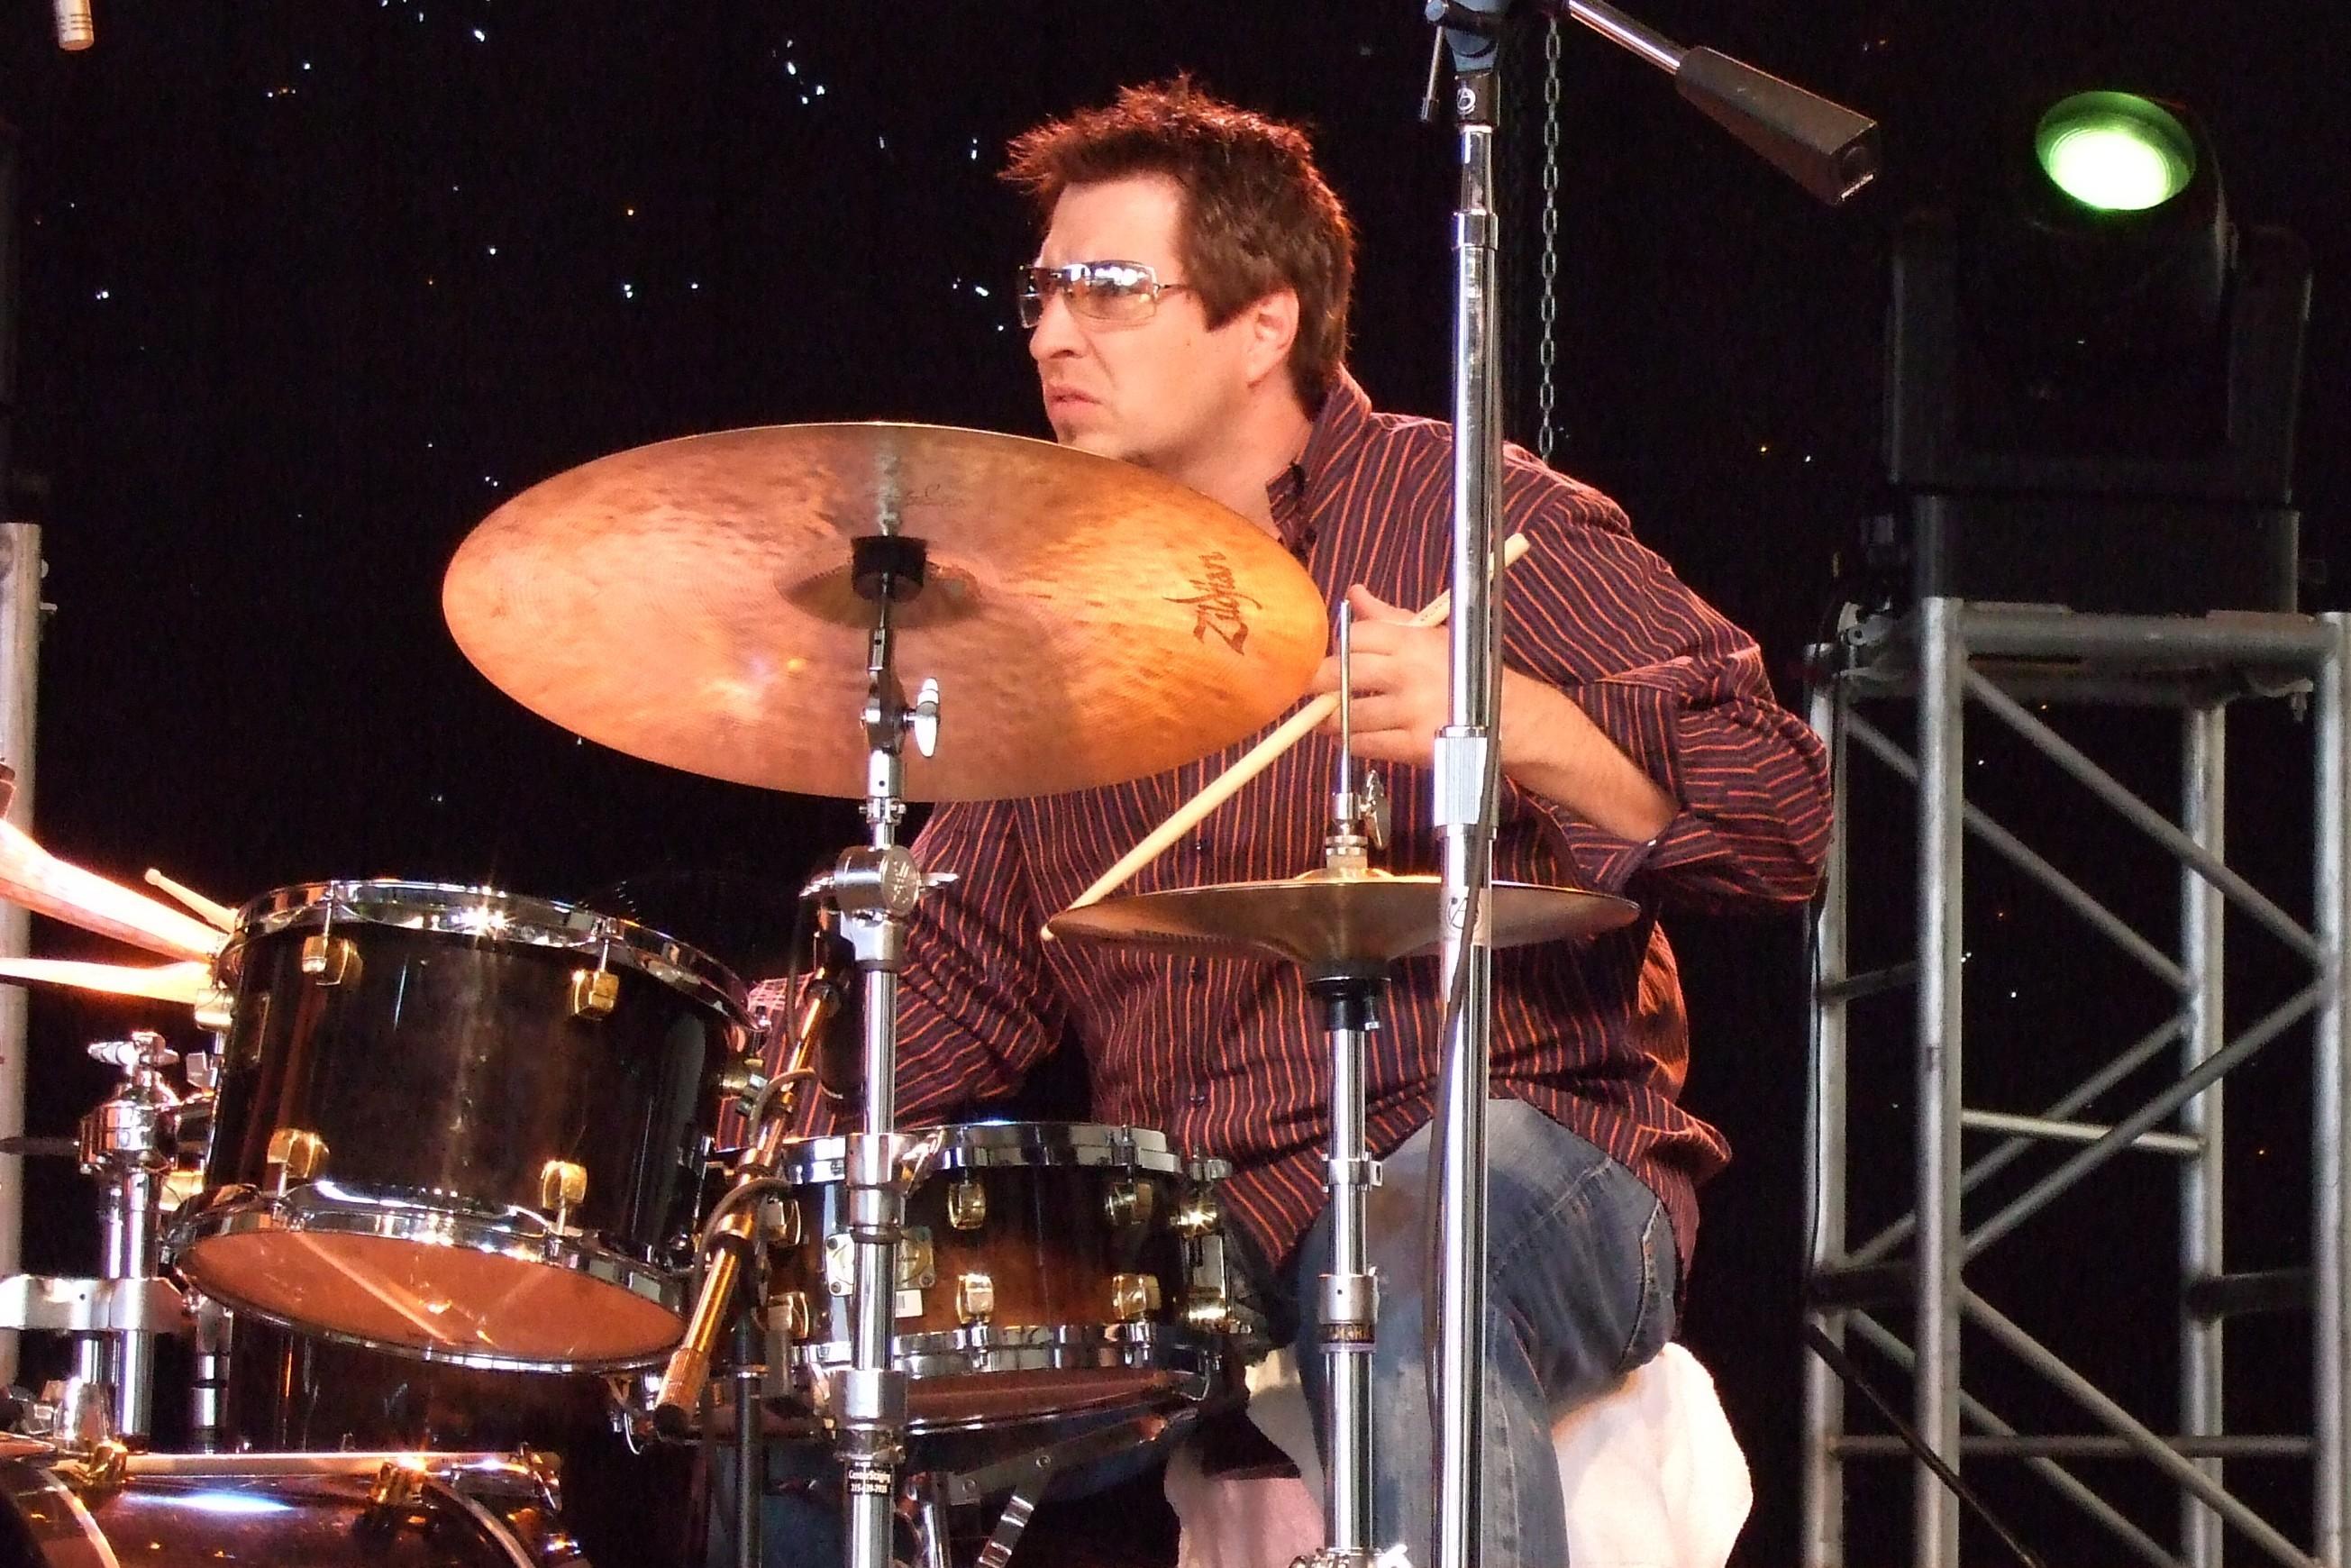 Marko Marcinko